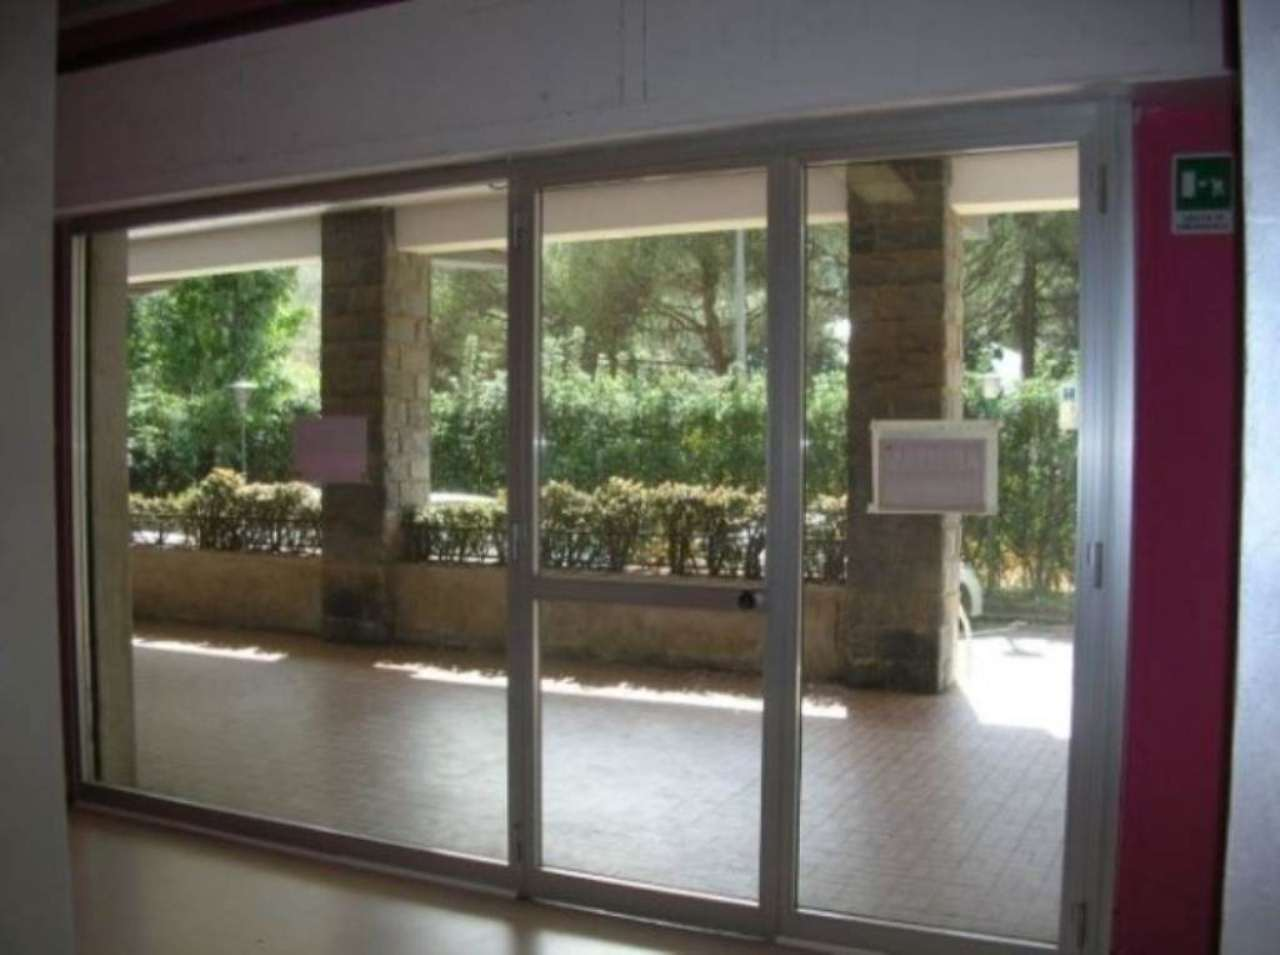 Negozio / Locale in affitto a Recco, 2 locali, prezzo € 600 | CambioCasa.it